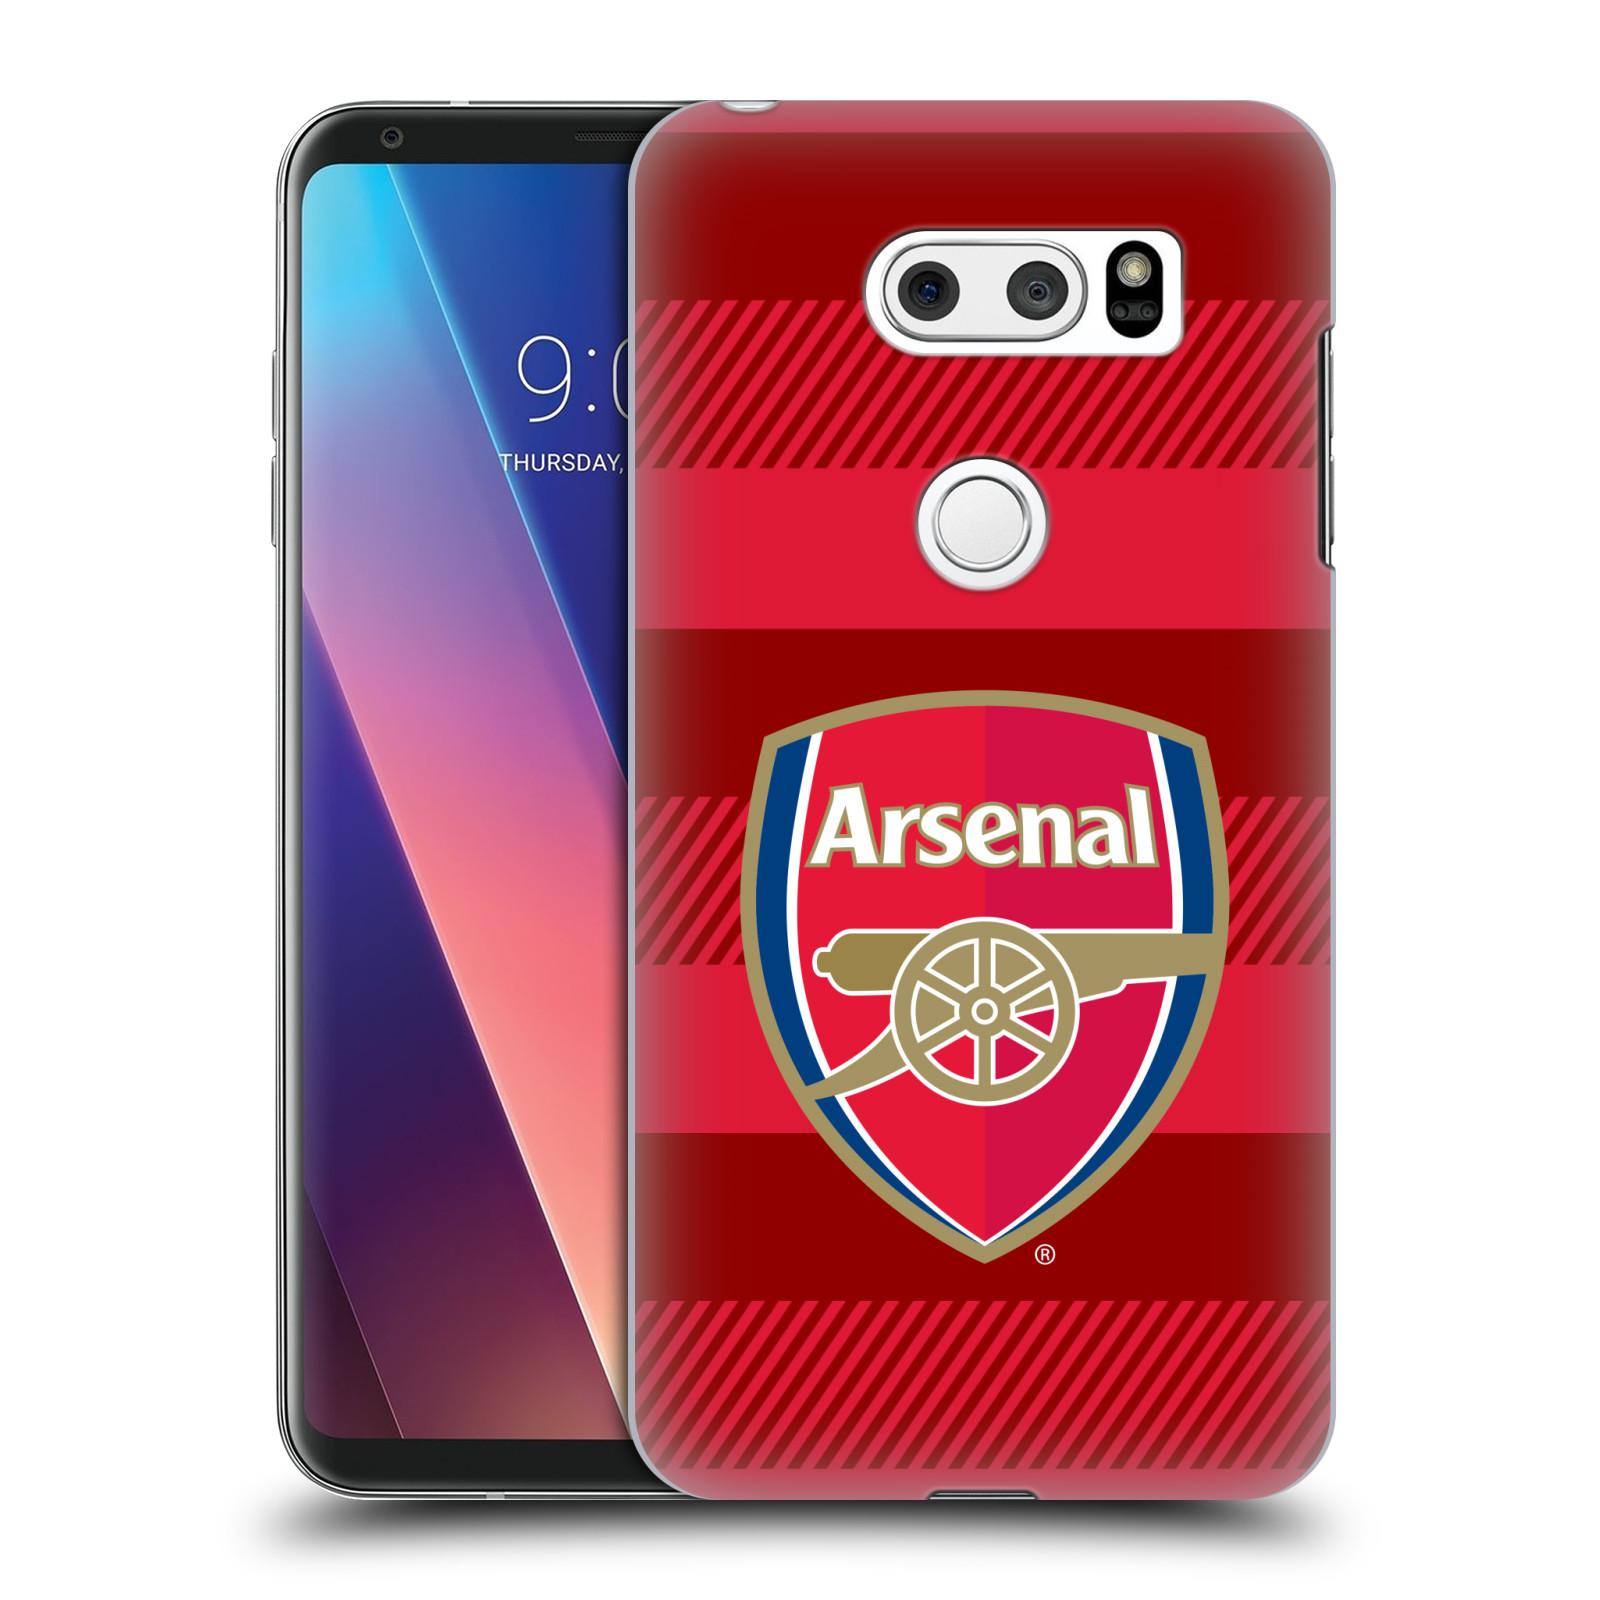 Plastové pouzdro na mobil LG V30 - Head Case - Arsenal FC - Logo s pruhy